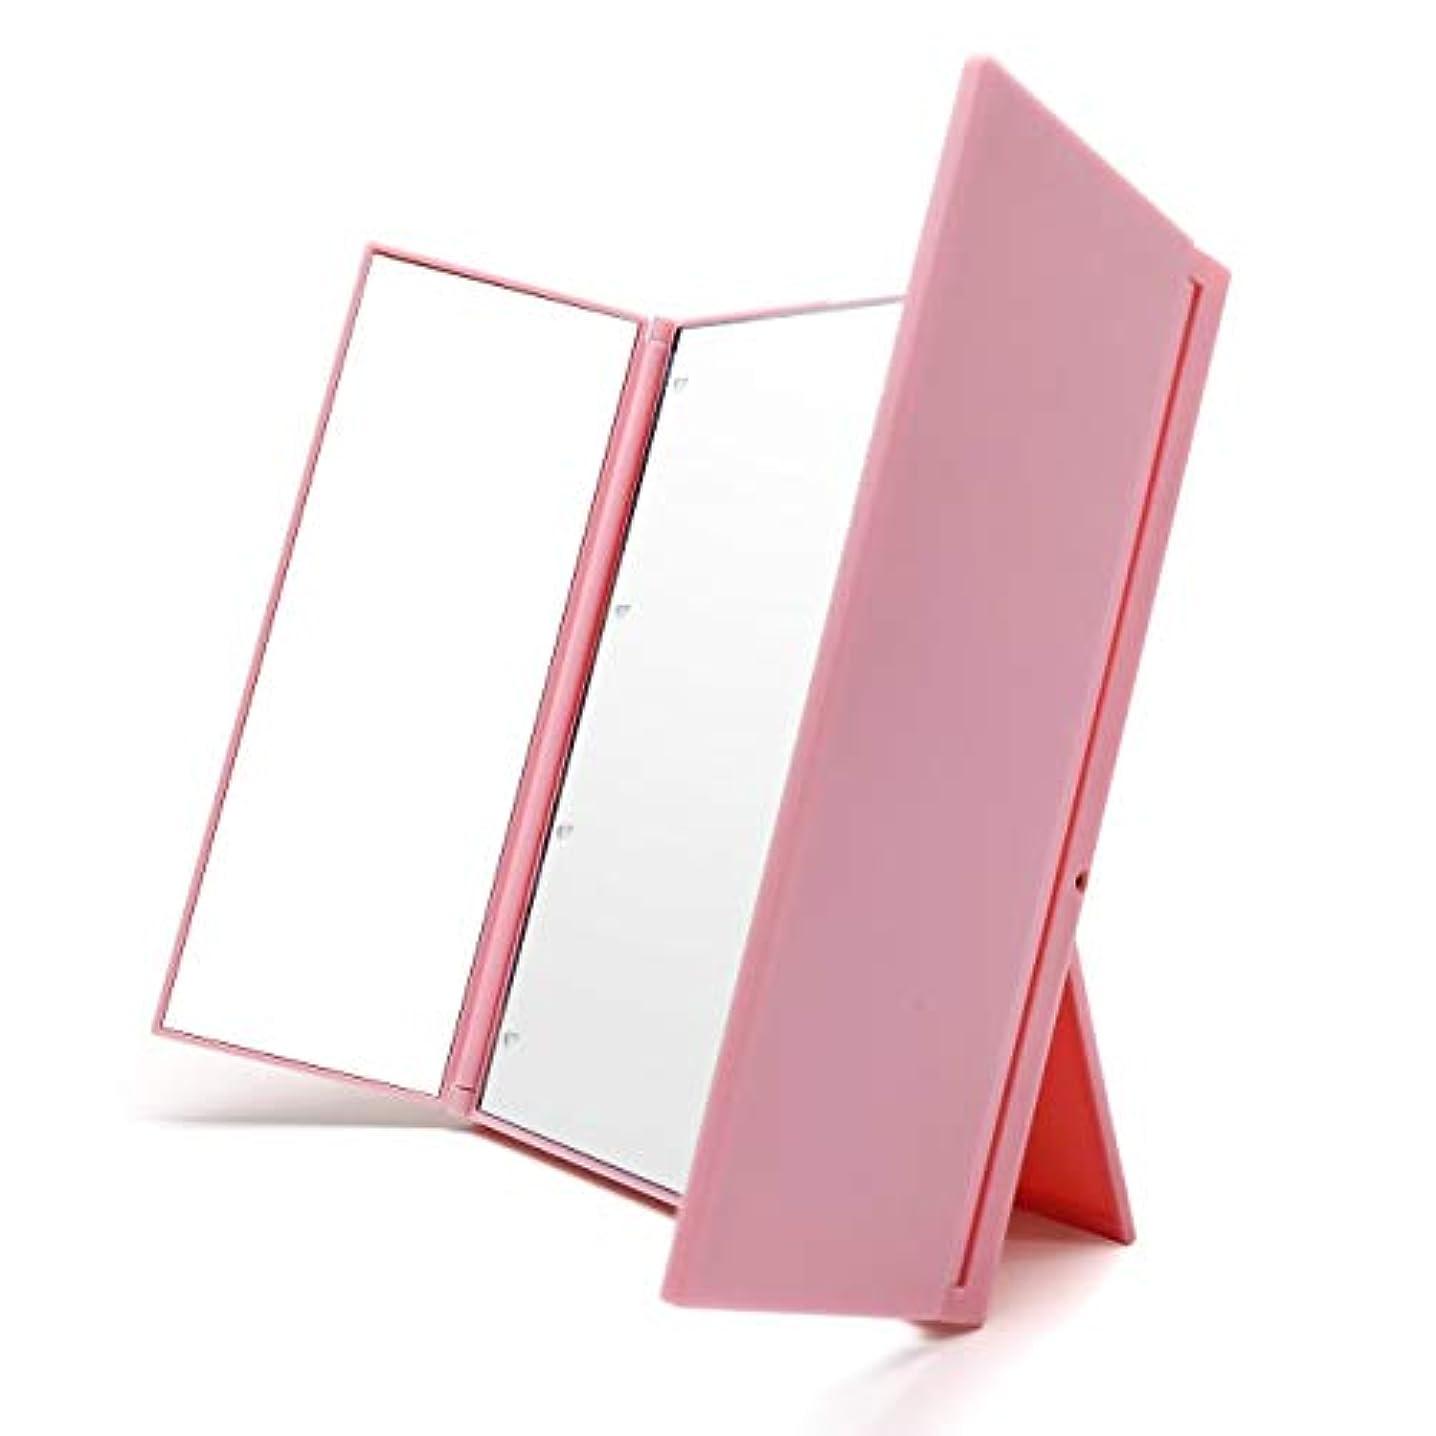 の間で月ピルファーVidgoo 鏡 卓上 スタンドミラー LED 化粧鏡 三面鏡 女優ミラー 折り畳み式 電池型 携帯便利(ピンク)